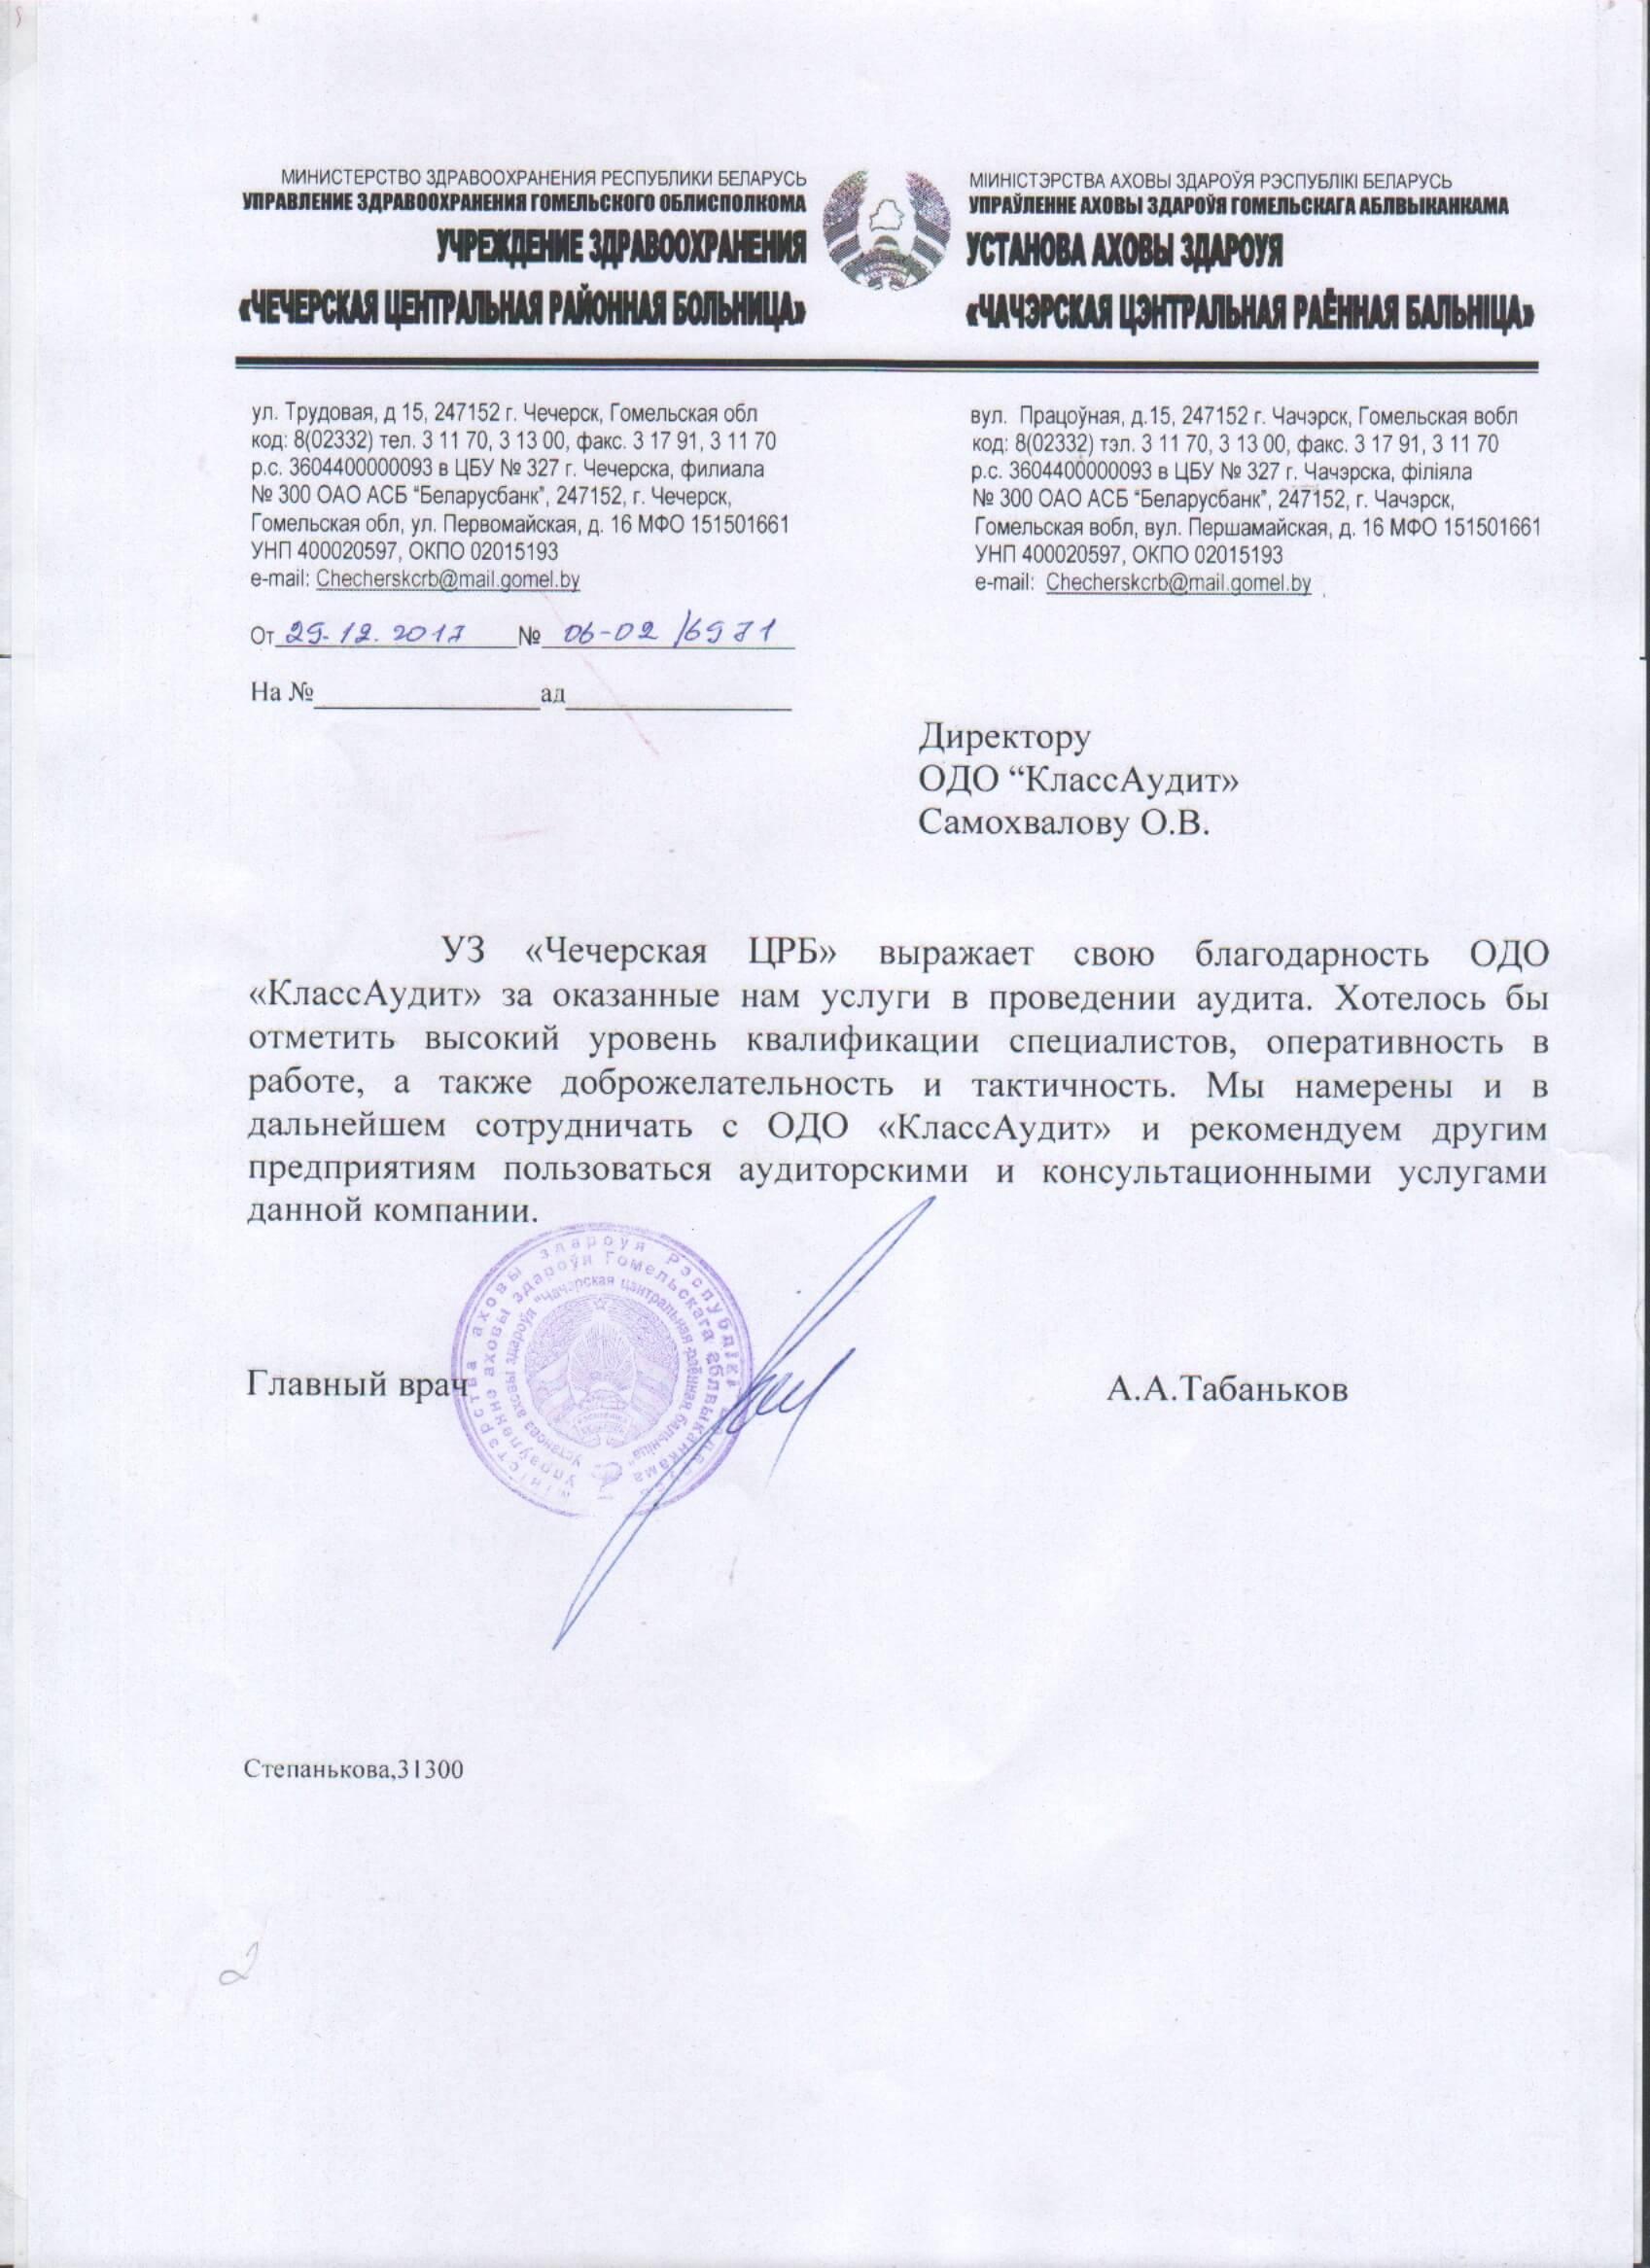 УЗ «Чечерская ЦРБ»